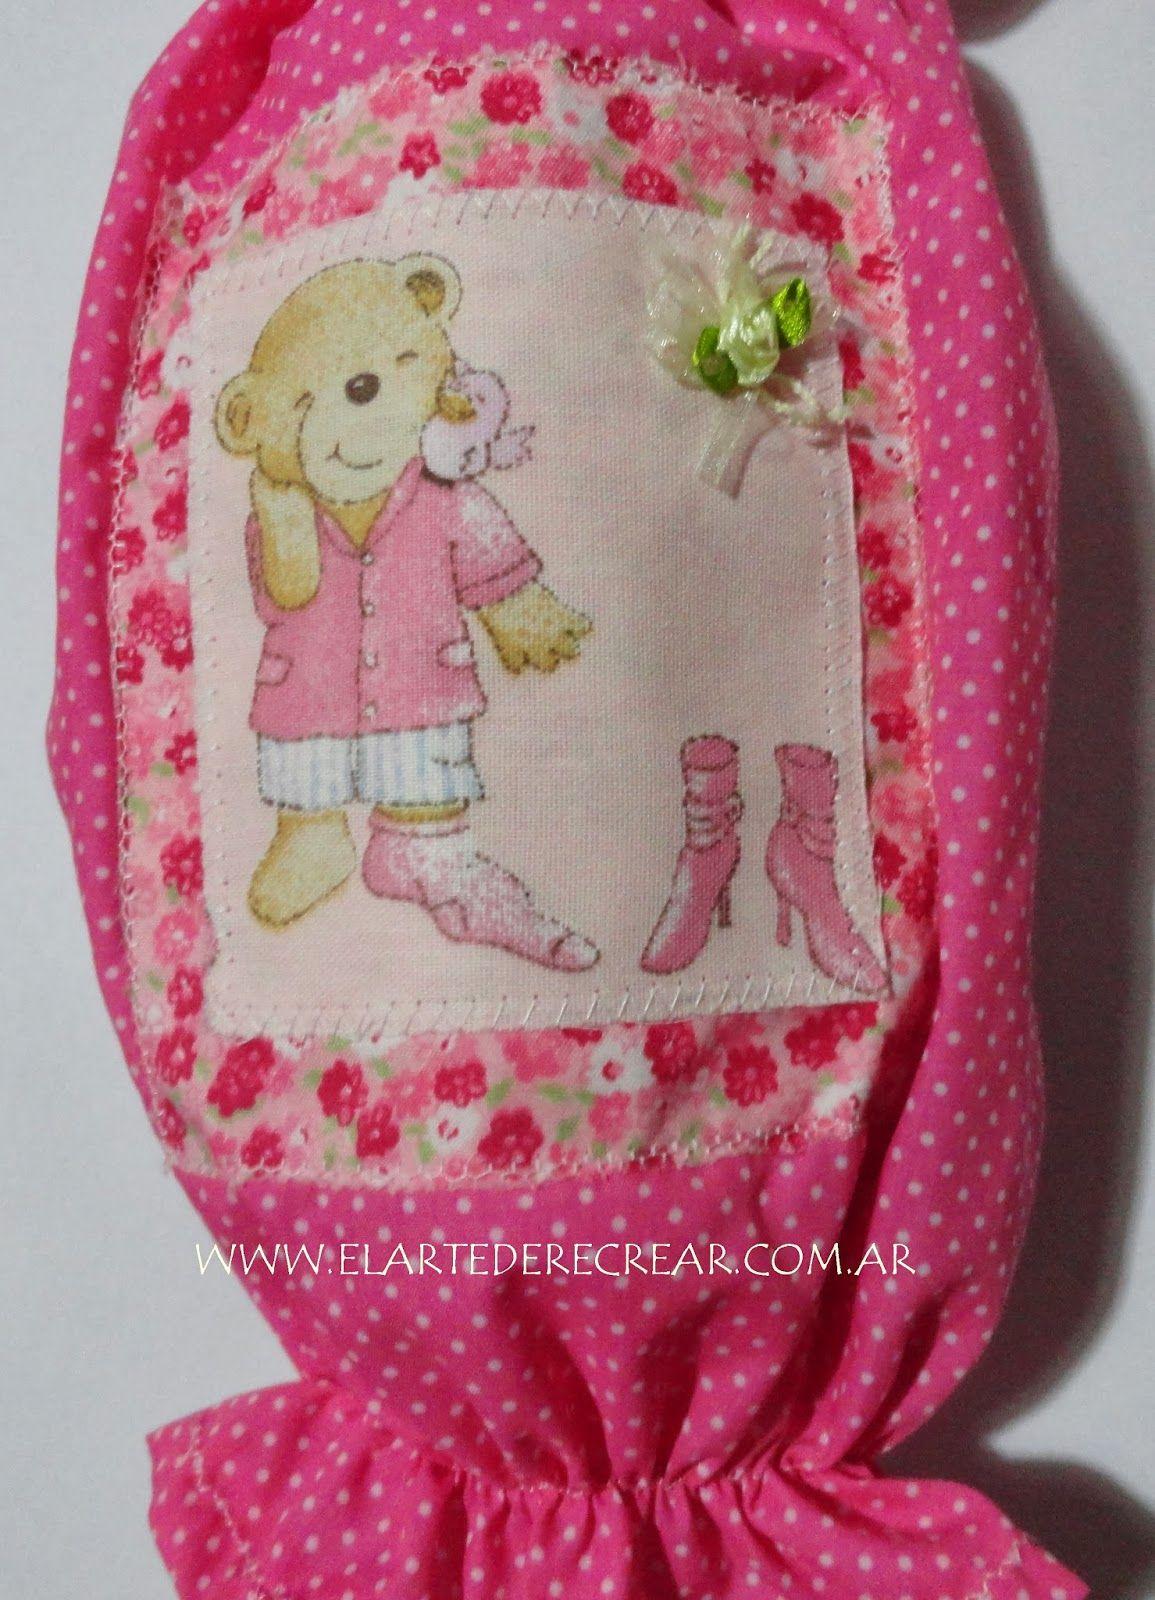 Recrear manualidades arte guarda bolsa de tela para - Bolsas de tela manualidades ...